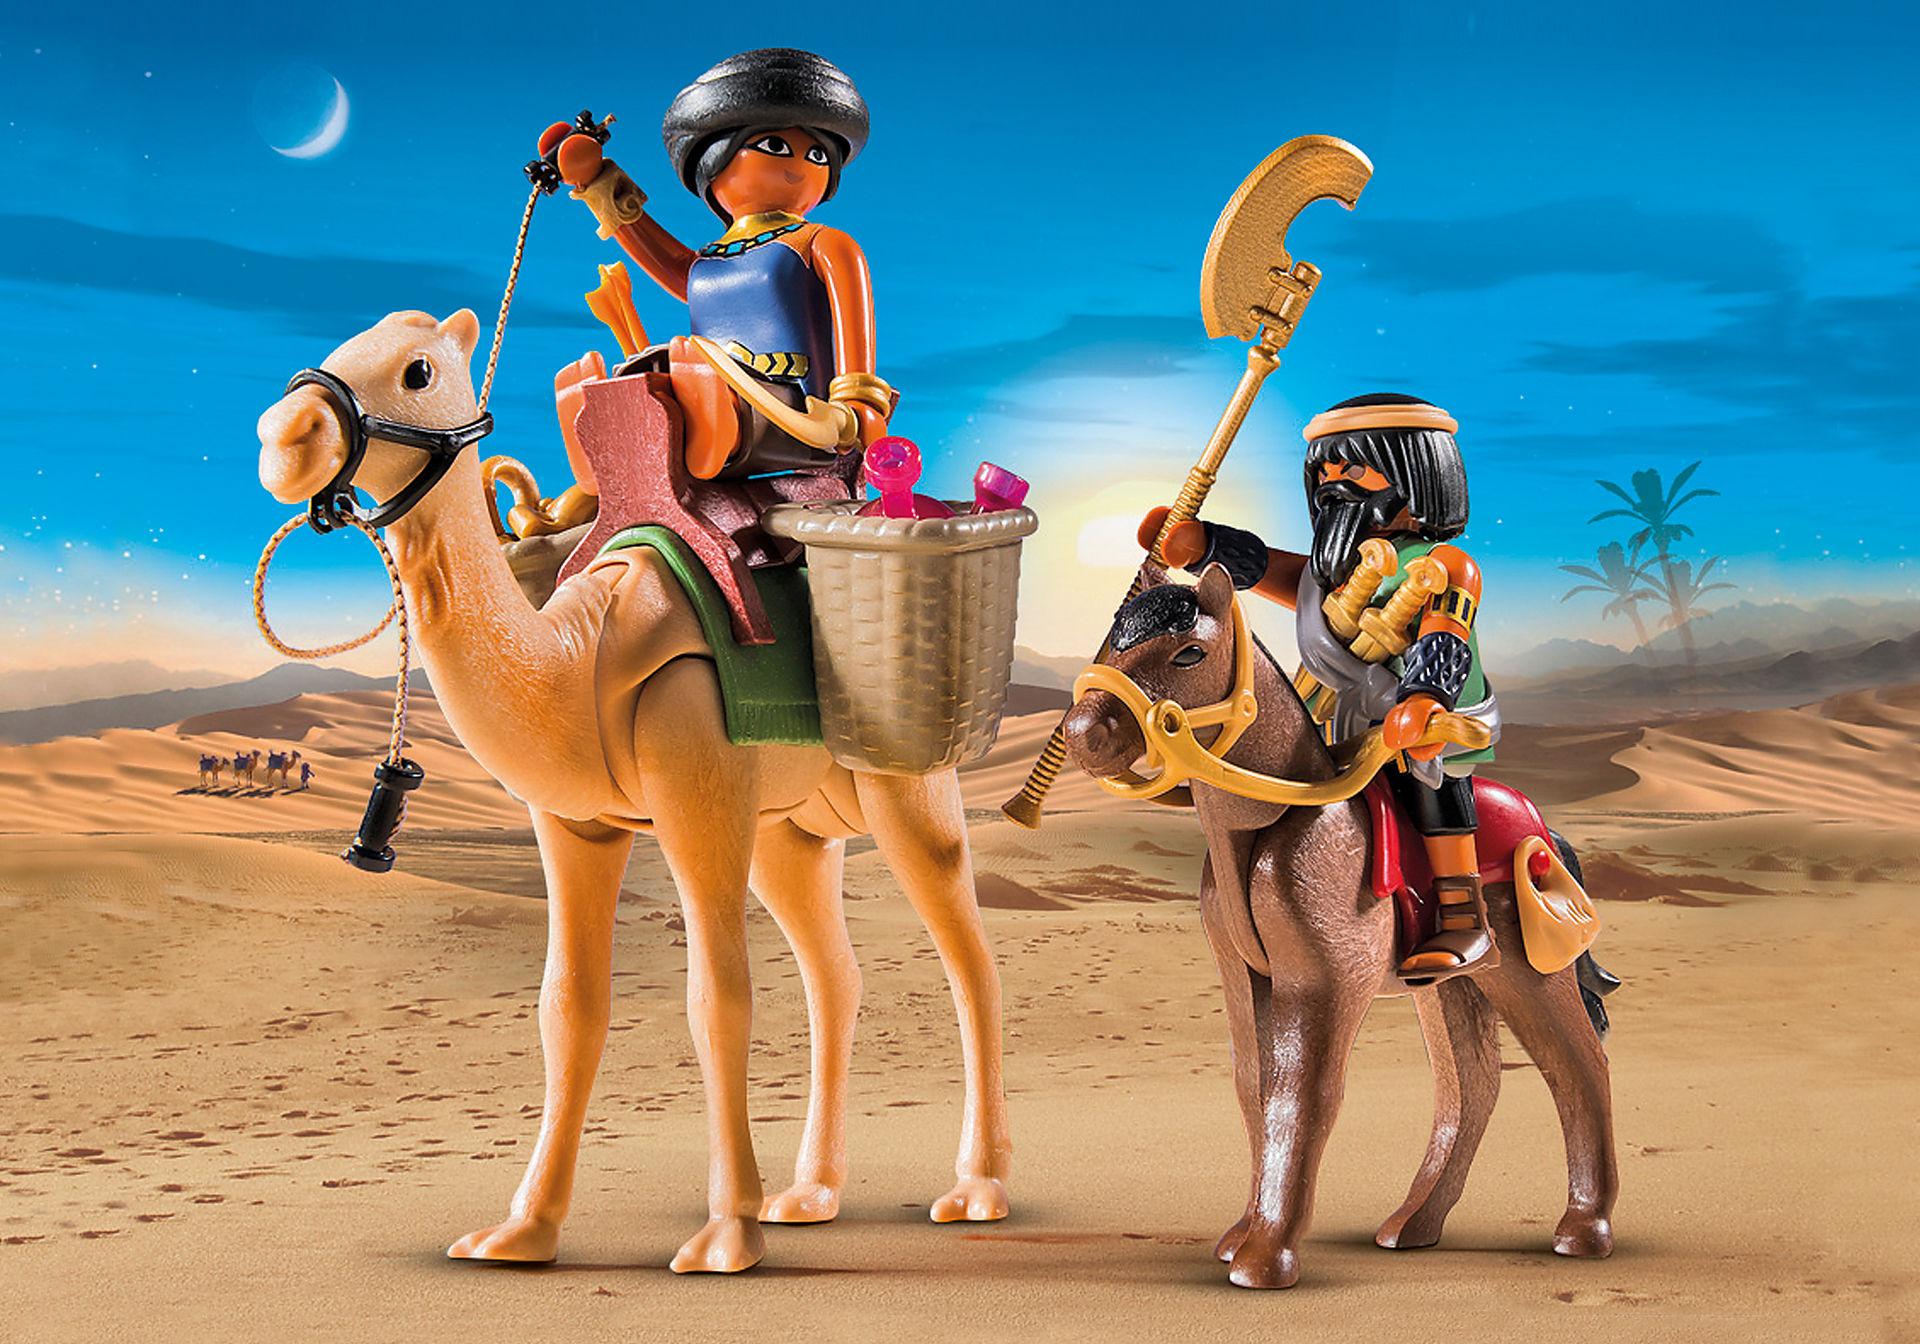 http://media.playmobil.com/i/playmobil/5387_product_extra1/Acampamento egípcio